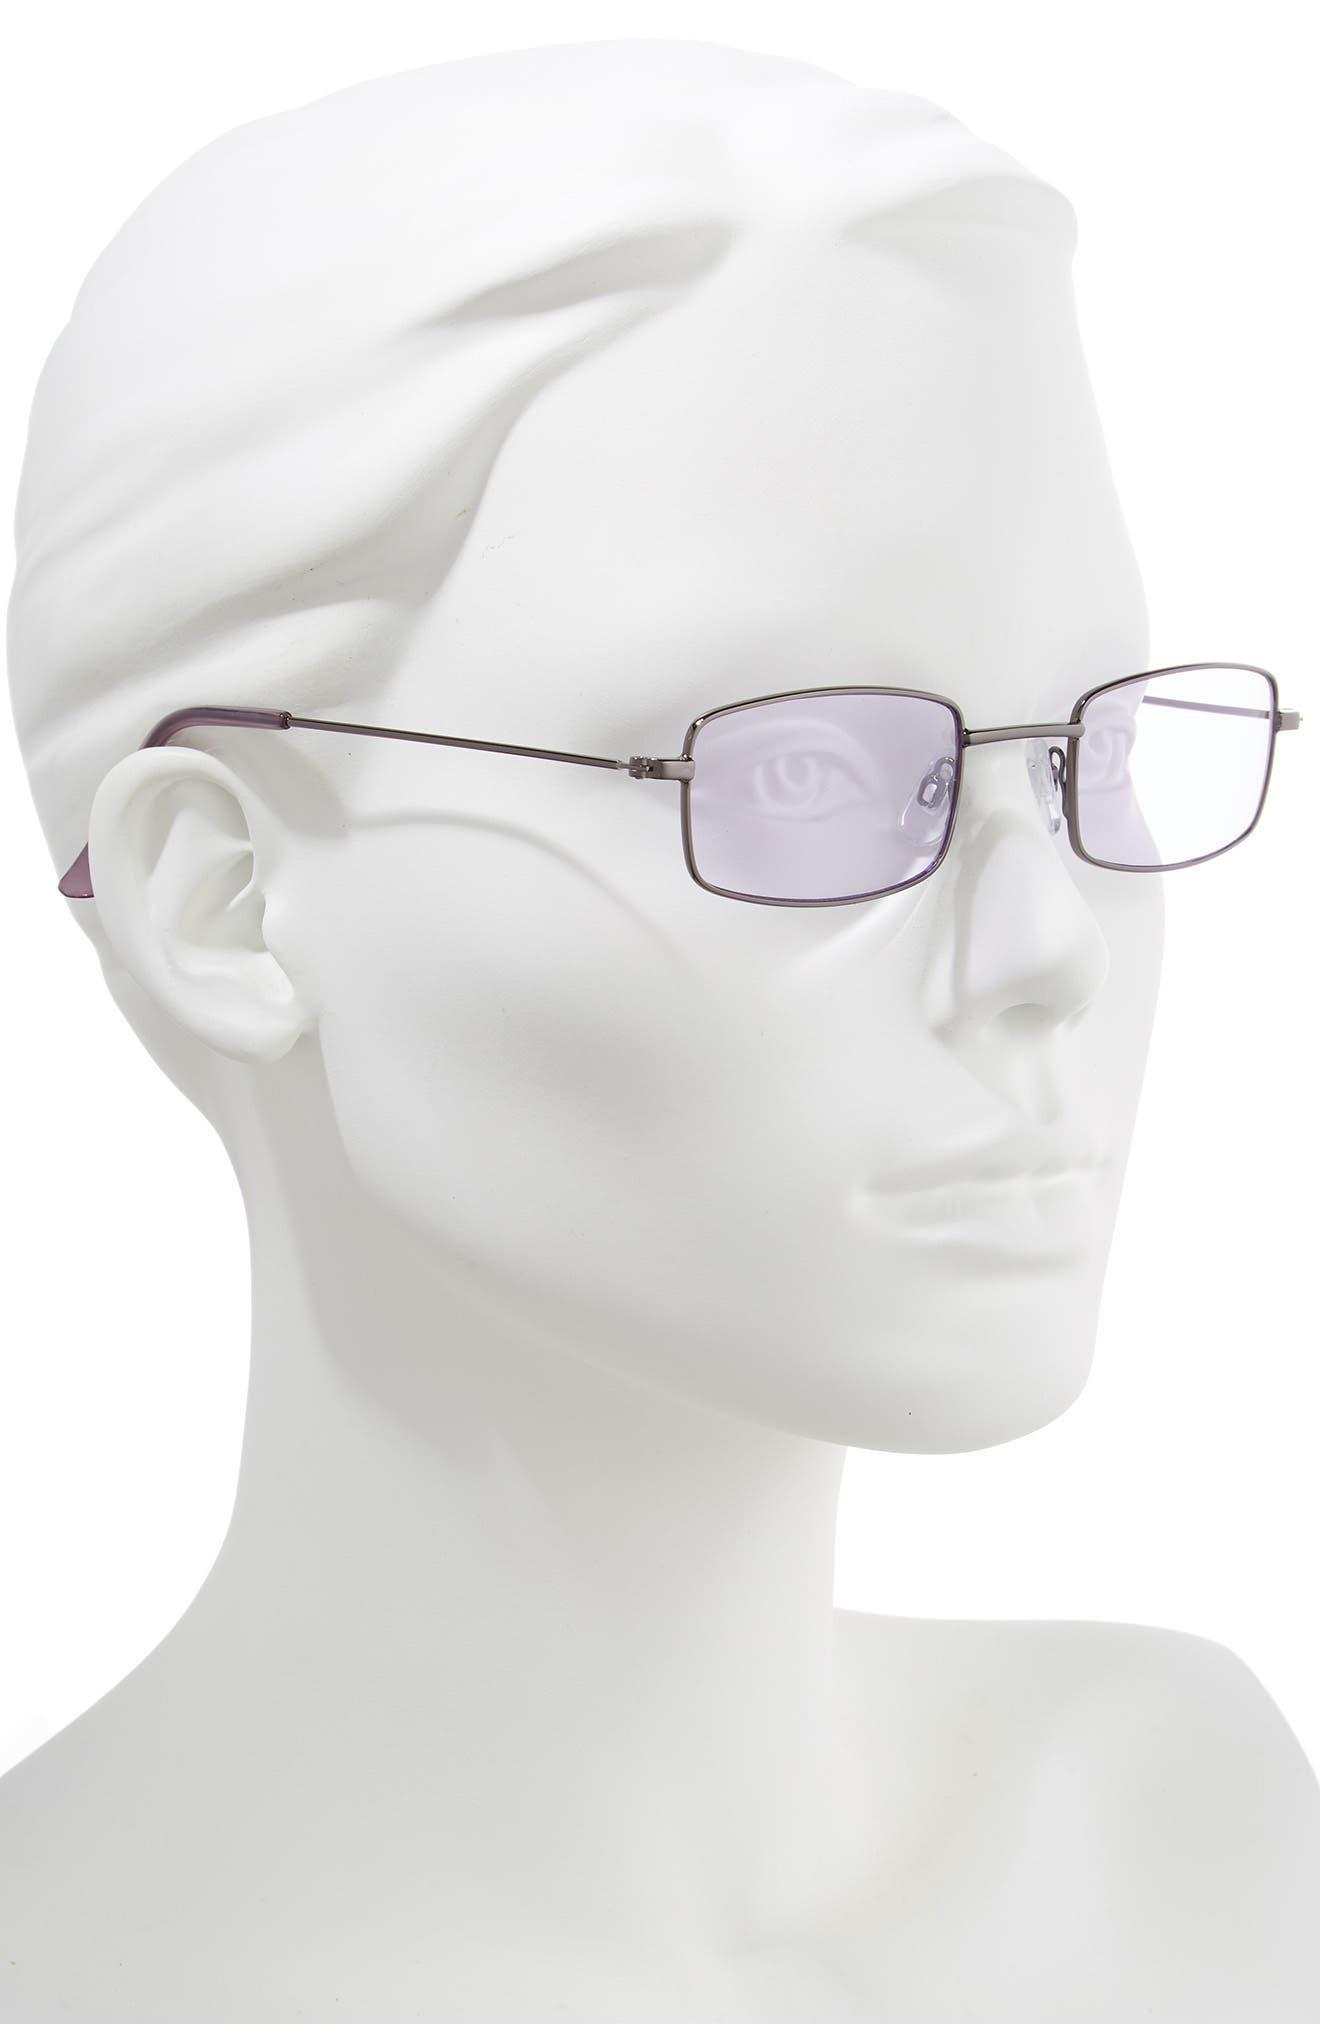 45mm Square Sunglasses,                             Alternate thumbnail 2, color,                             GUNMETAL/ PURPLE